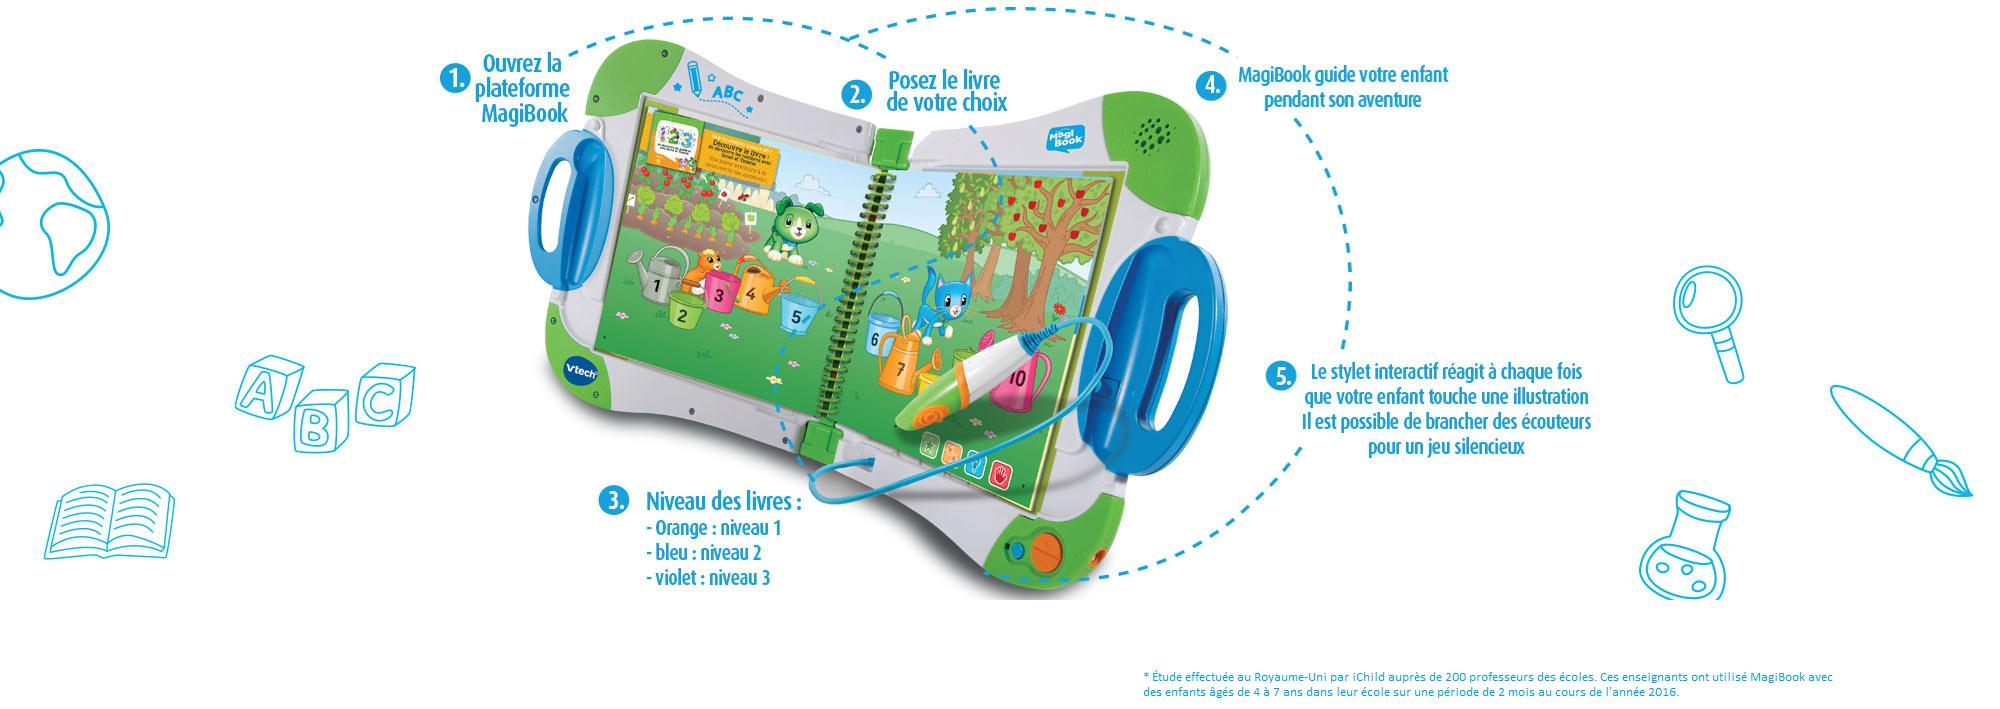 Livres Interactifs Enfant Magibook - Vtech intérieur Jeu Interactif Enfant